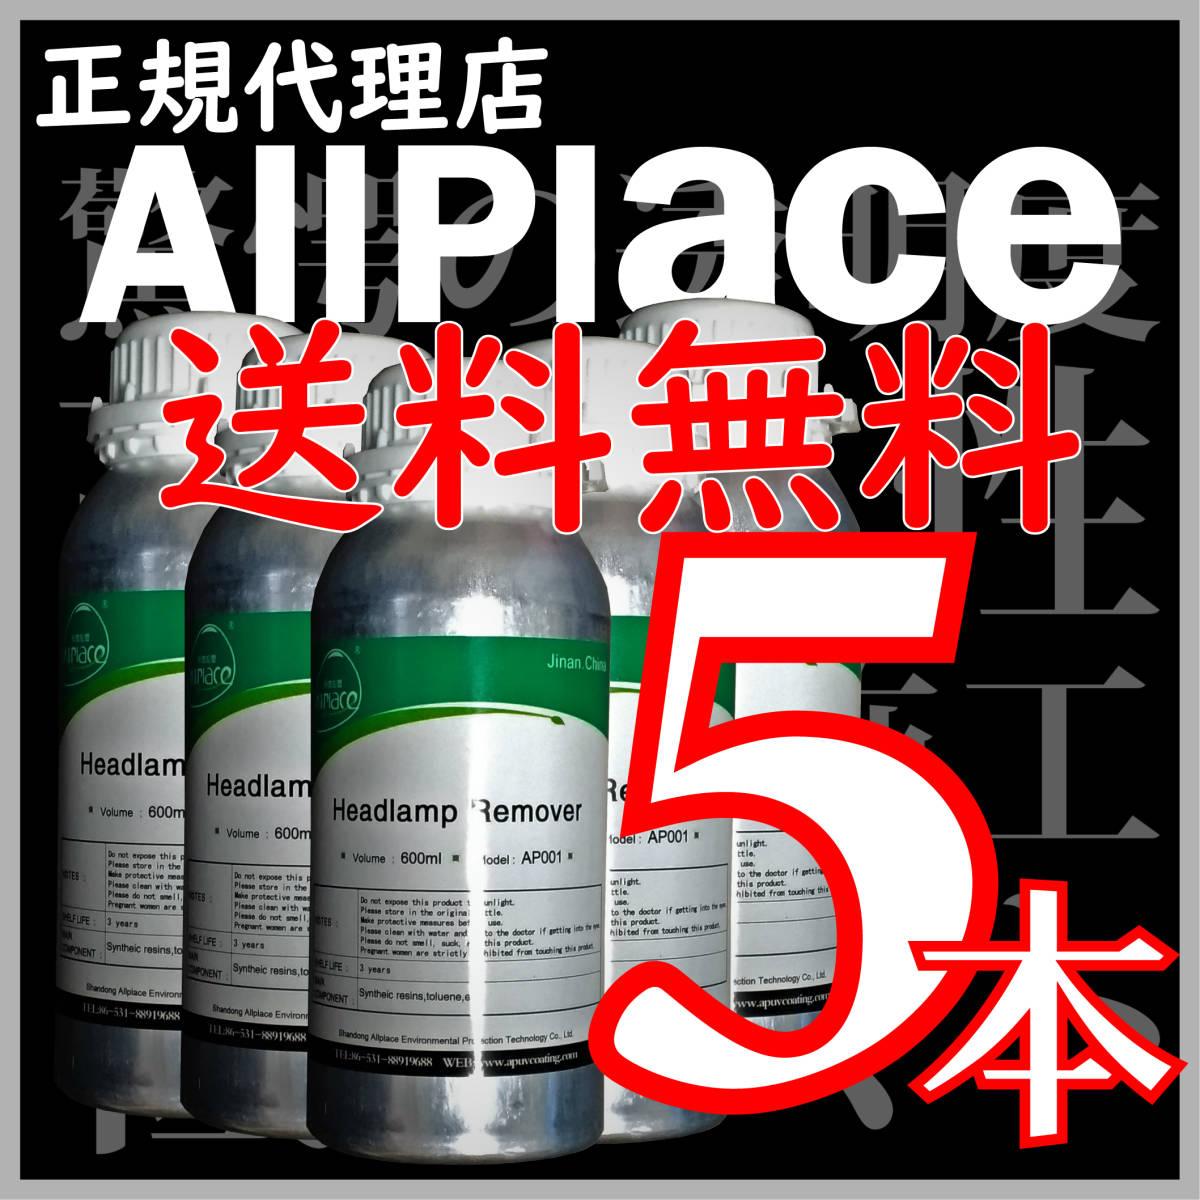 【送料無料】領収証発行可 5本 ヘッドライトリムーバー 溶剤 スチーマー 状で使用する専用溶剤 正規代理店からお届けするオールプレイス